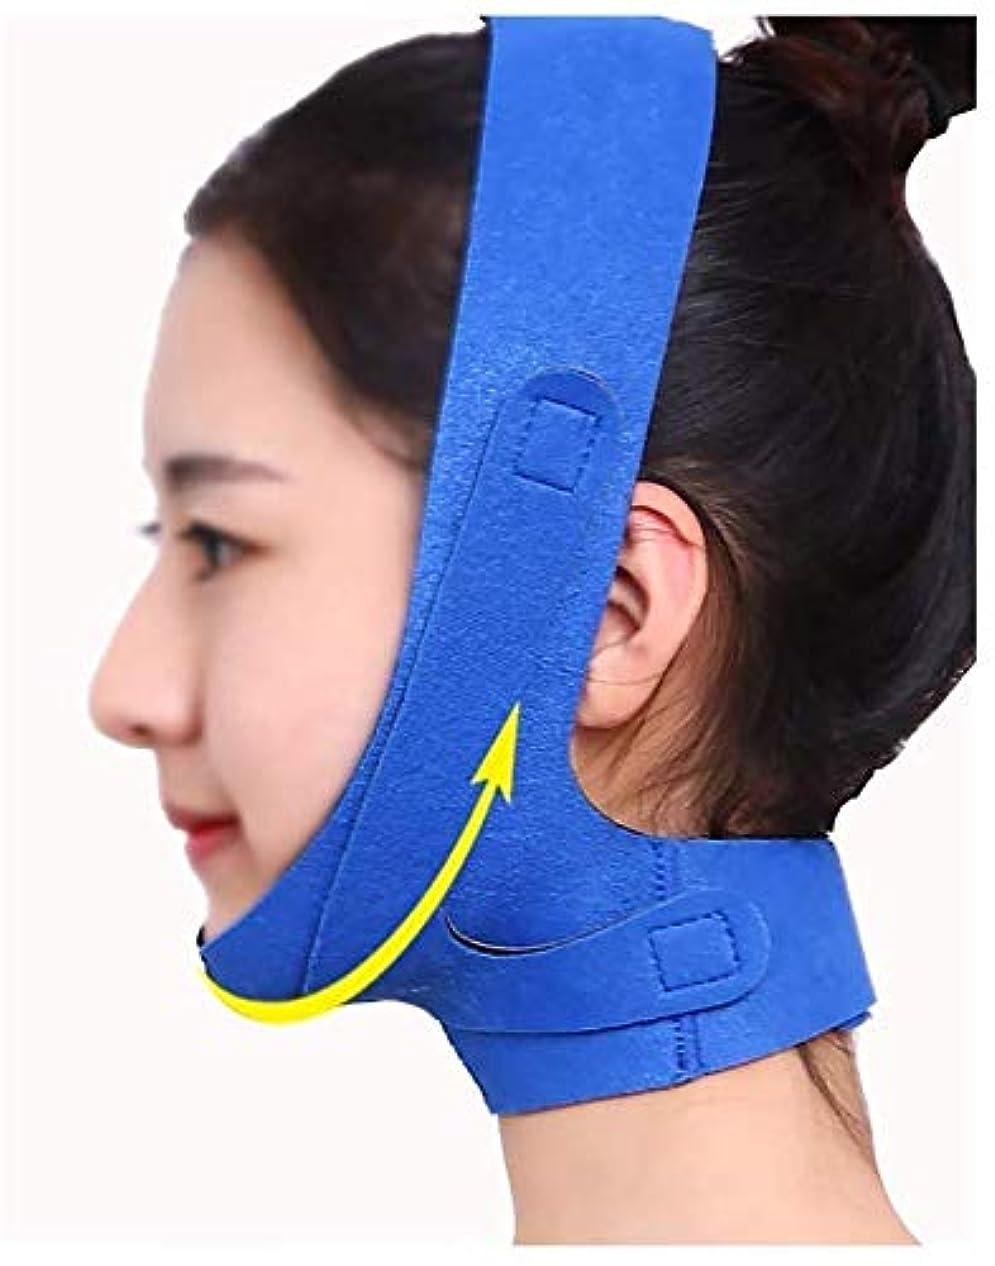 からかう車両暗記する美容と実用的なフェイスリフトマスク、チンストラップ回復包帯睡眠薄いフェイスバンデージ薄いフェイスマスクフェイスリフトアーティファクトフェイスリフト美容マスク包帯ブルーフェイスマスクで小さなV顔を強化するには